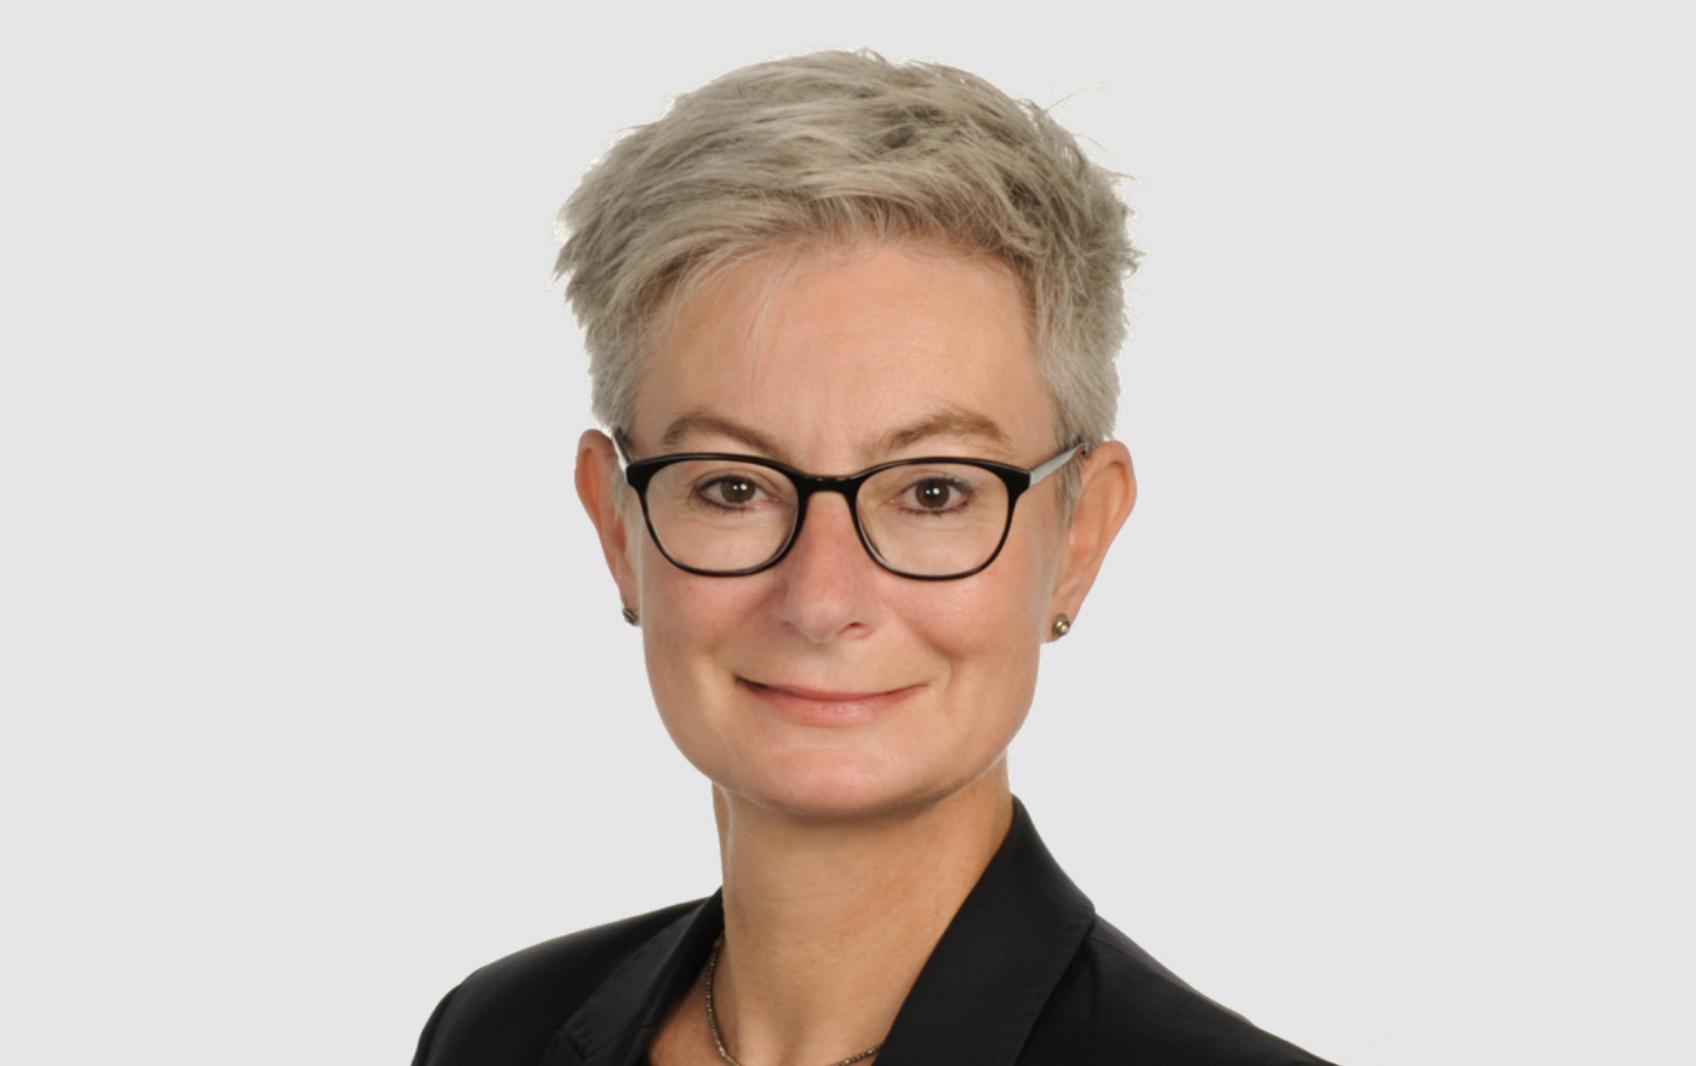 Emilia Hennard